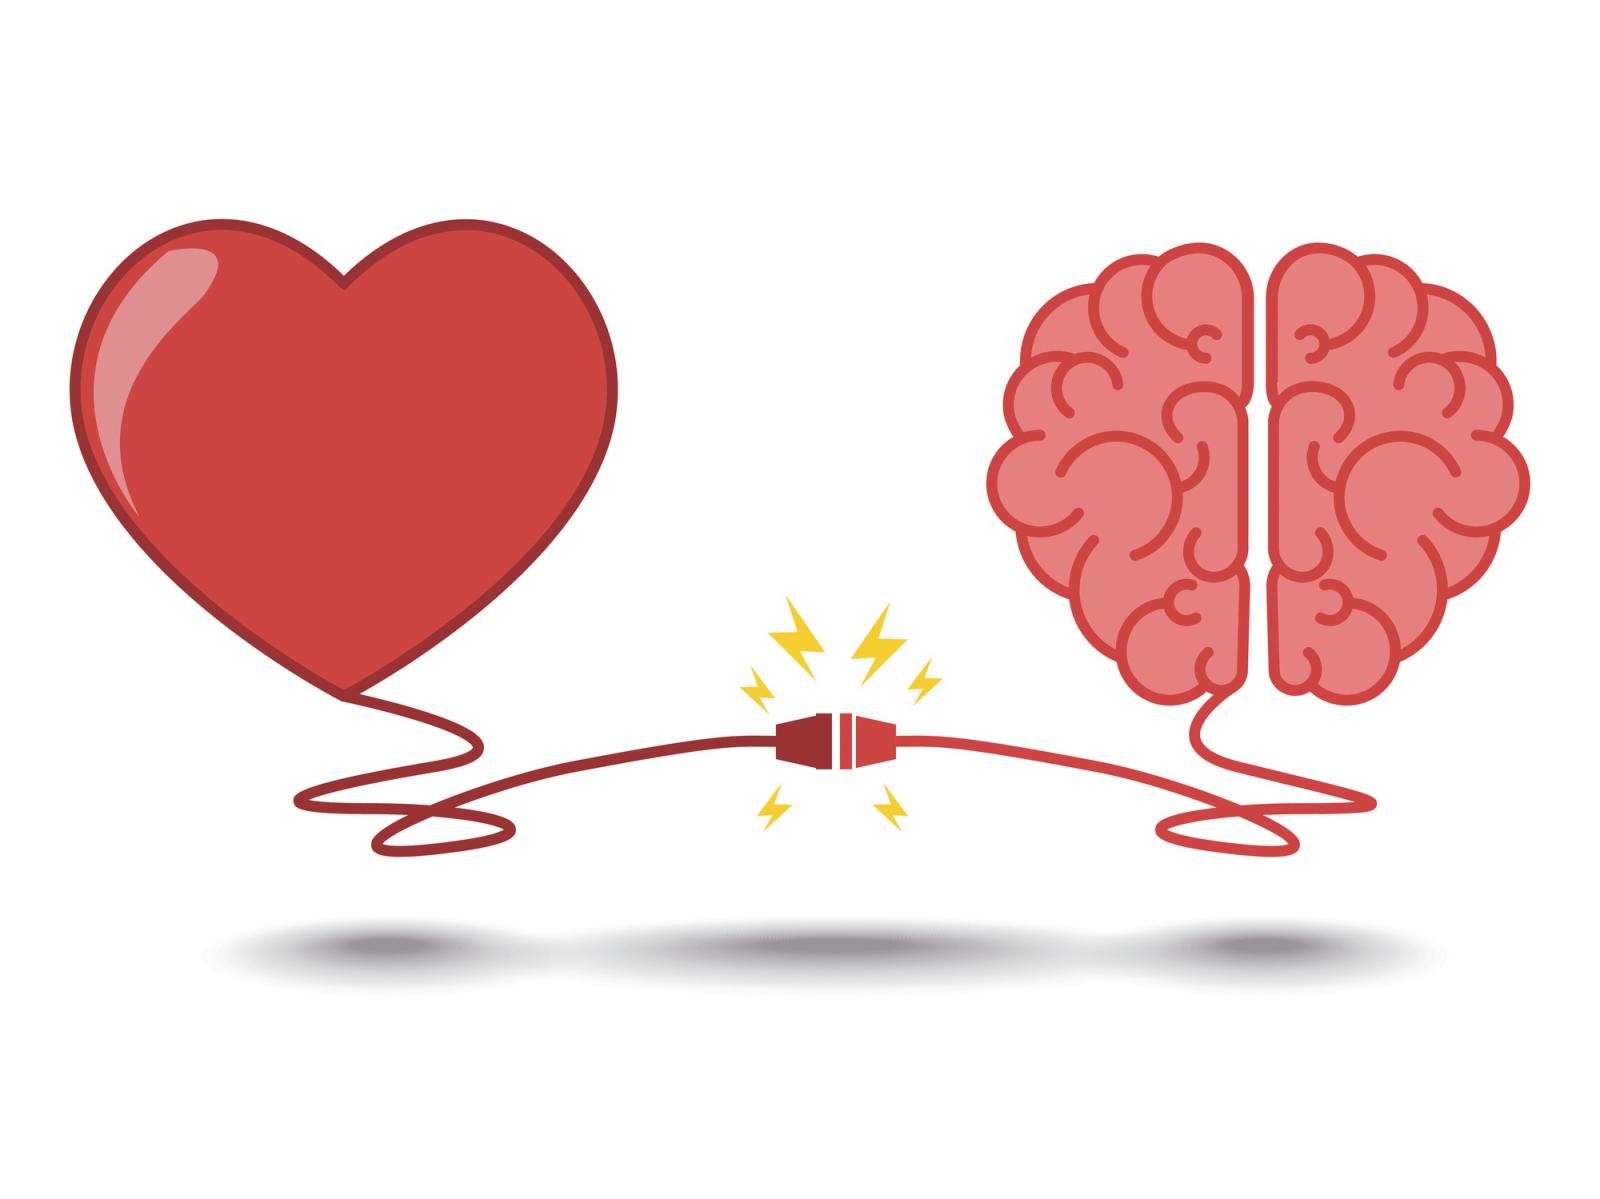 Cứ tưởng trung niên mới cần lo lắng về sức khỏe não bộ, ai ngờ thực chất lão hóa bắt đầu từ thời điểm ít ai nghĩ đến nhất!-2